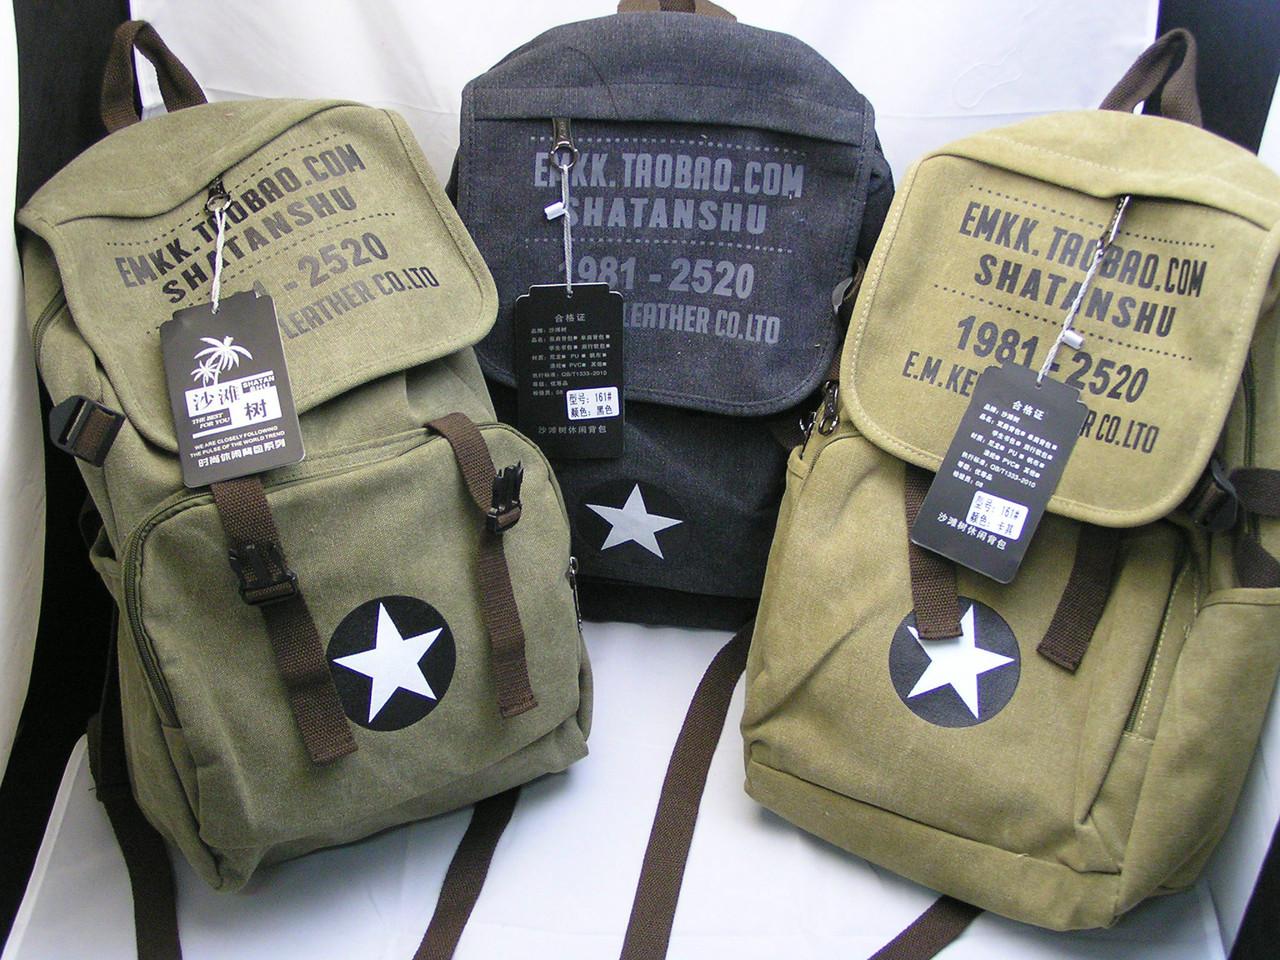 Удобный рюкзак унисекс. Плотный материал рюкзака - холст. Вместительный и объемный рюкзак. Код: КЕ544